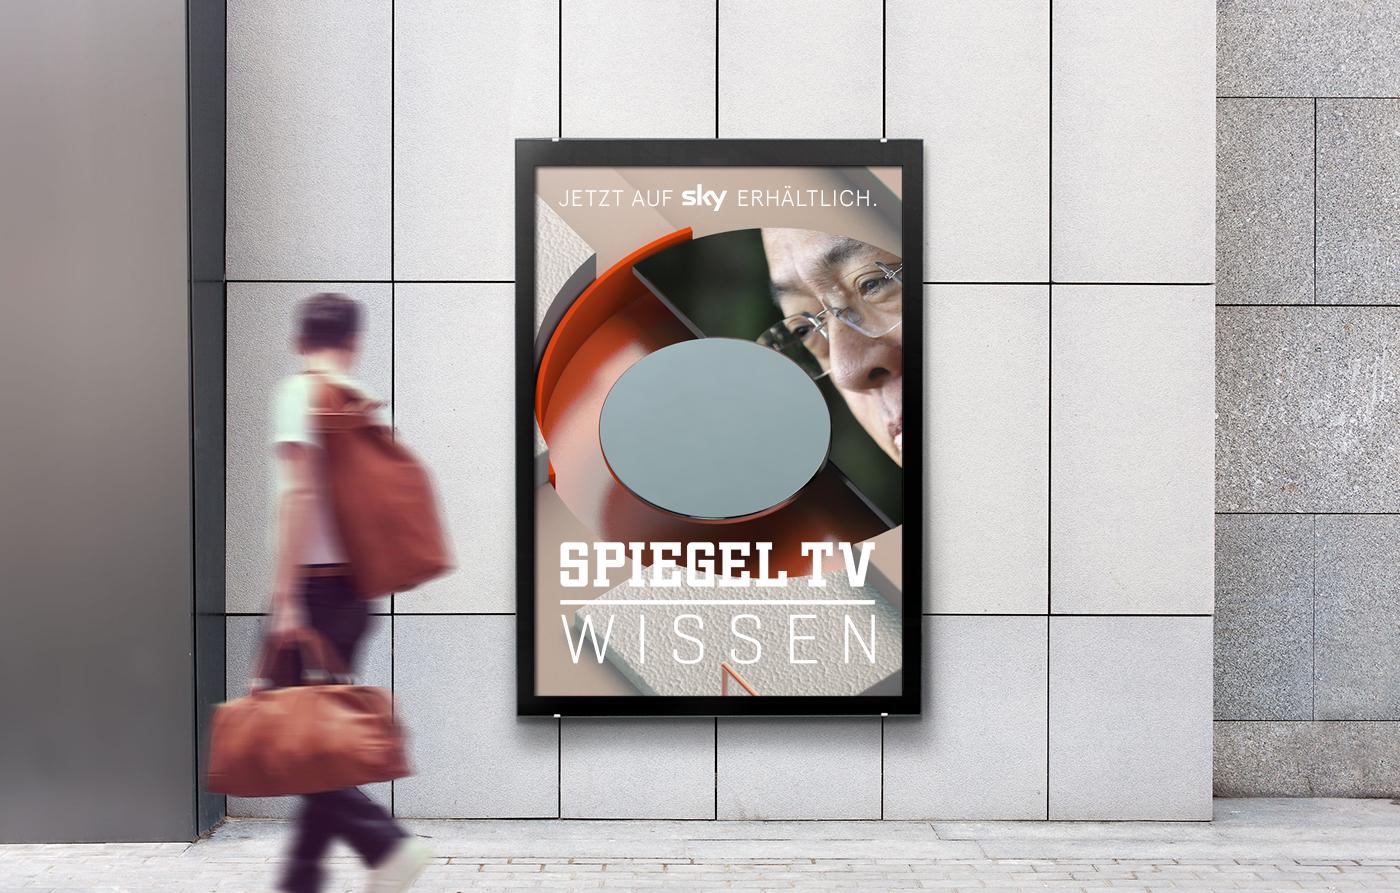 OOH_SpiegelWissen_v001